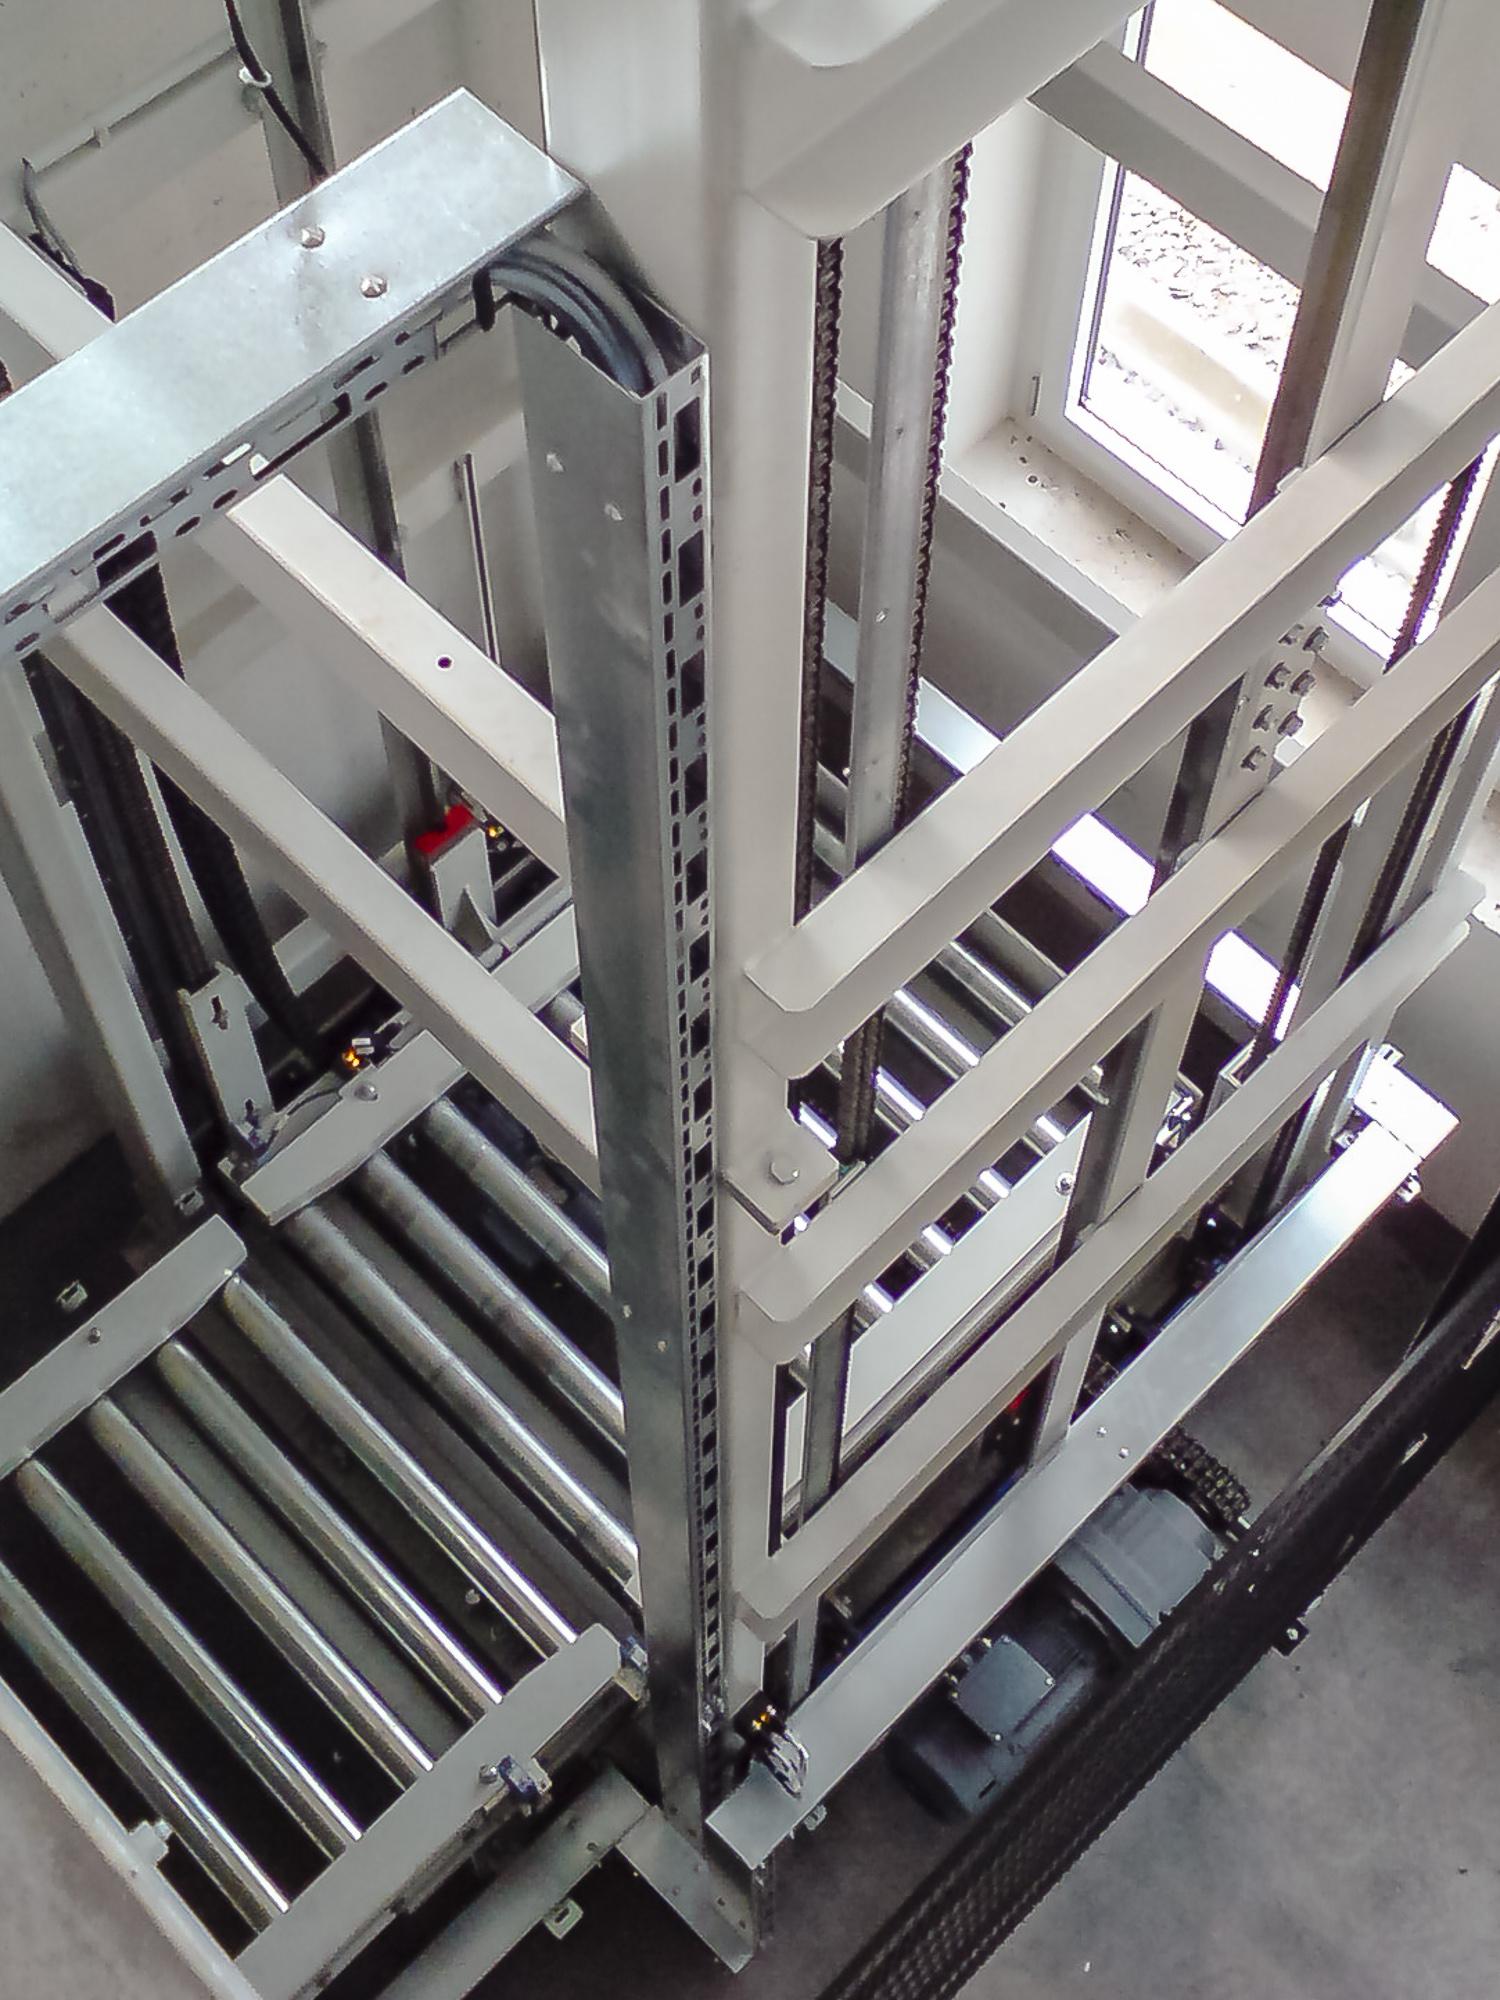 Vertikalförderer als Anbindung in die Keller-Ebene - Fördertechnik weiter gedacht